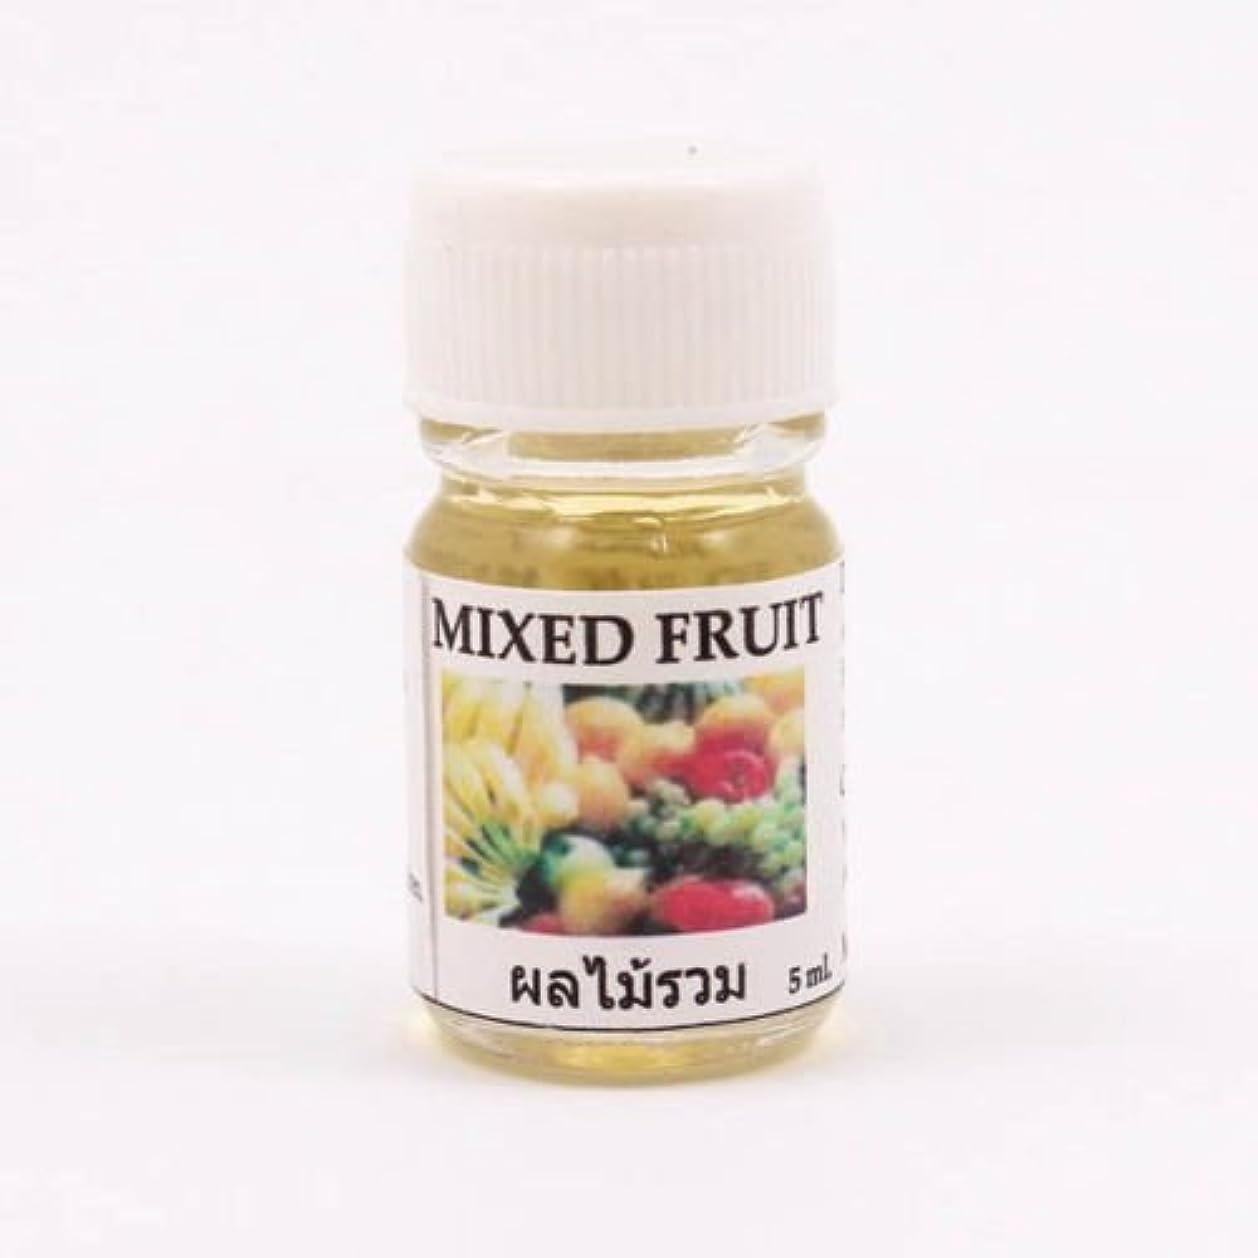 言語学息切れ修道院6X Mixed Fruit Aroma Fragrance Essential Oil 5ML Diffuser Burner Therapy